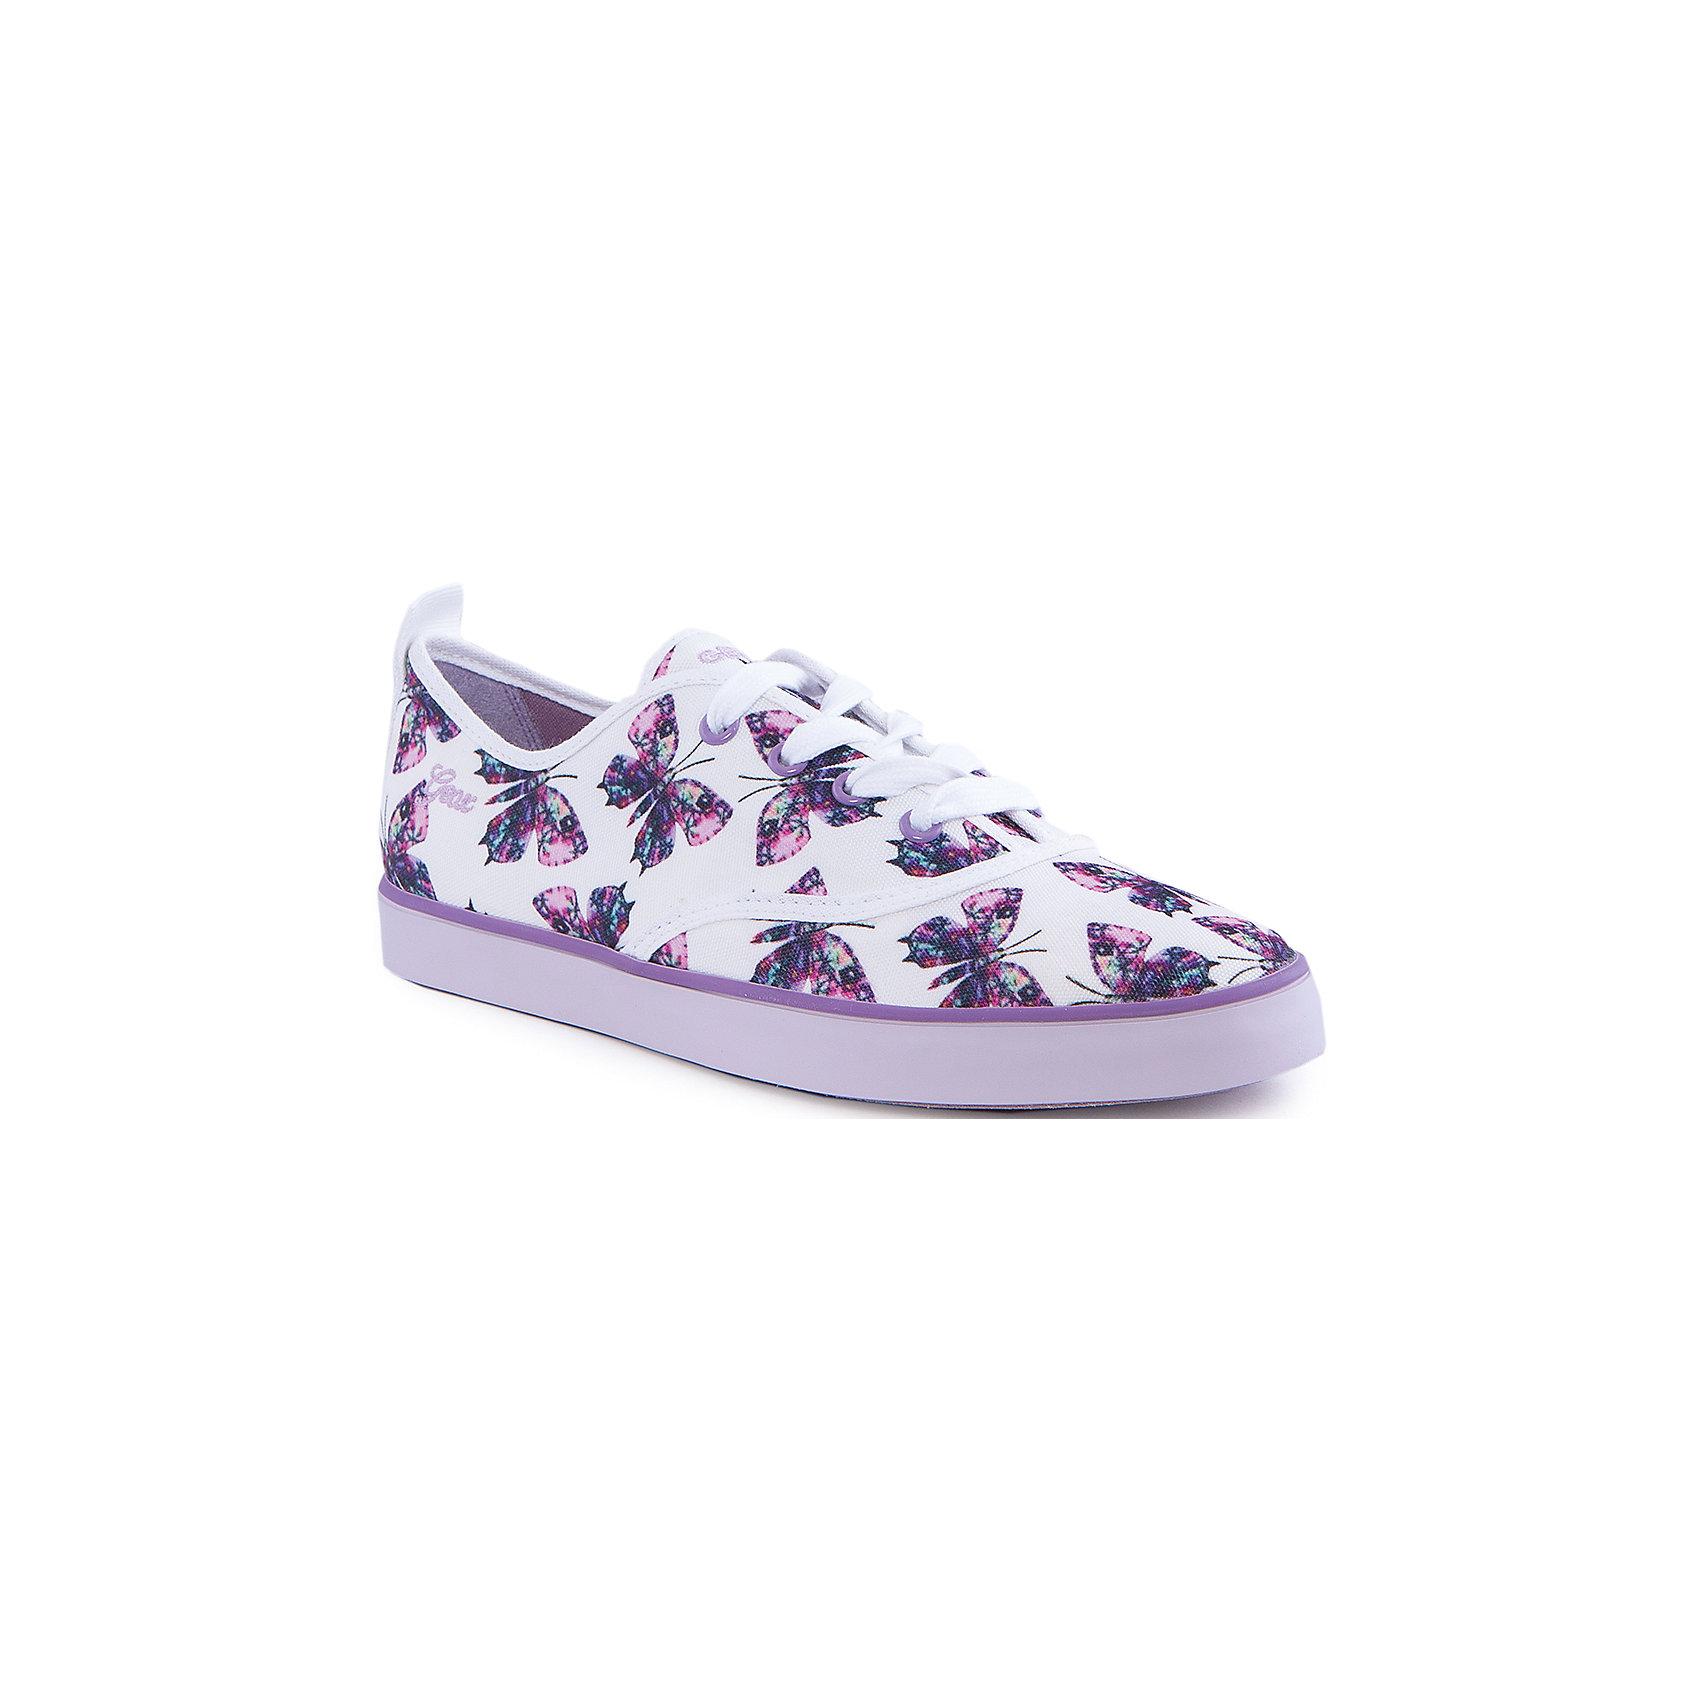 Полуботинки для девочки GeoxБотинки<br>Полуботинки для девочки от популярной марки GEOX (Геокс).<br><br>Эти светлые Полуботинки с принтом - отличная обувь для нового весеннего сезона. Модель очень стильно и оригинально смотрится.<br>Производитель обуви заботится не только о внешнем виде, но и стабильно высоком качестве продукции. GEOX (Геокс) разработал специальную дышащую подошву, которая не пропускает влагу внутрь, а также высокотехнологичную стельку.<br><br>Отличительные особенности модели:<br><br>- цвет: белый;<br>- украшены принтом с бабочками;<br>- гибкая водоотталкивающая подошва с дышащей мембраной;<br>- мягкий и легкий верх;<br>- стильный дизайн;<br>- удобная шнуровка;<br>- комфортное облегание;<br>- верх обуви и подкладка сделаны без использования хрома.<br><br>Дополнительная информация:<br><br>- Температурный режим: от +10° С до 25° С.<br><br>- Состав:<br><br>материал верха: текстиль<br>материал подкладки: текстиль<br>подошва: 100% резина<br><br>Полуботинки для девочки GEOX (Геокс) (Геокс) можно купить в нашем магазине.<br><br>Ширина мм: 250<br>Глубина мм: 150<br>Высота мм: 150<br>Вес г: 250<br>Цвет: белый<br>Возраст от месяцев: 48<br>Возраст до месяцев: 60<br>Пол: Женский<br>Возраст: Детский<br>Размер: 28,26,27,29,31,35,30,32,33,34,36,37<br>SKU: 4519690